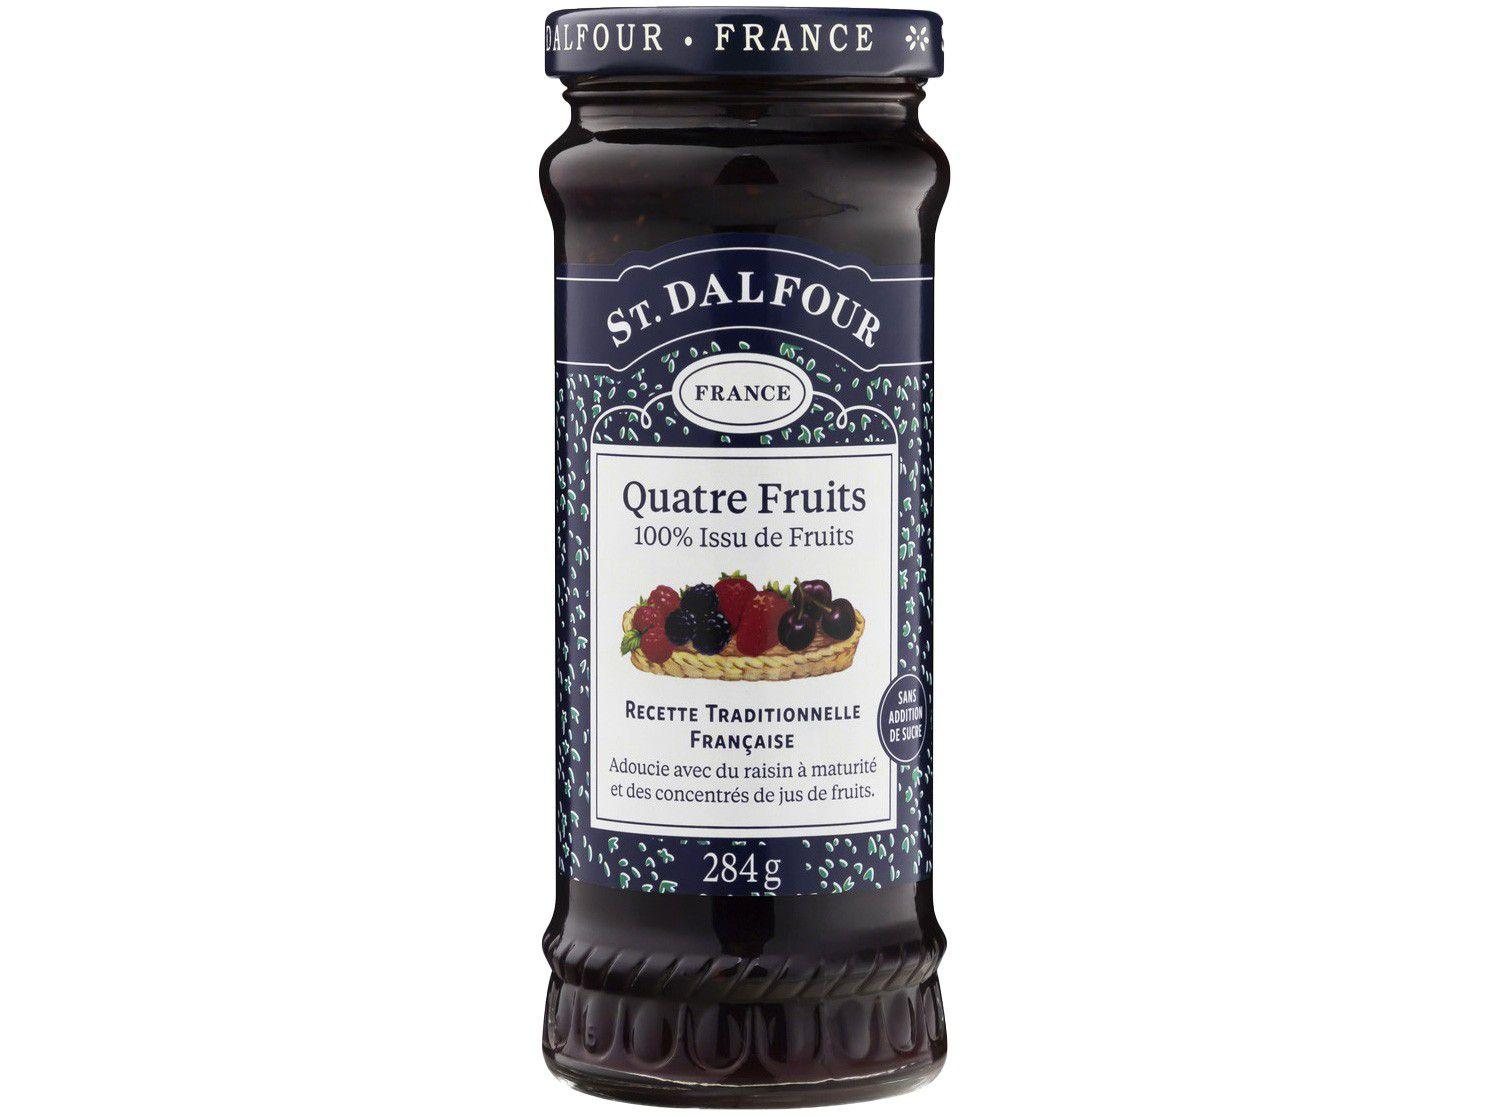 Geleia de Frutas Vermelhas St. Dalfour - Quatre Fruits 284g